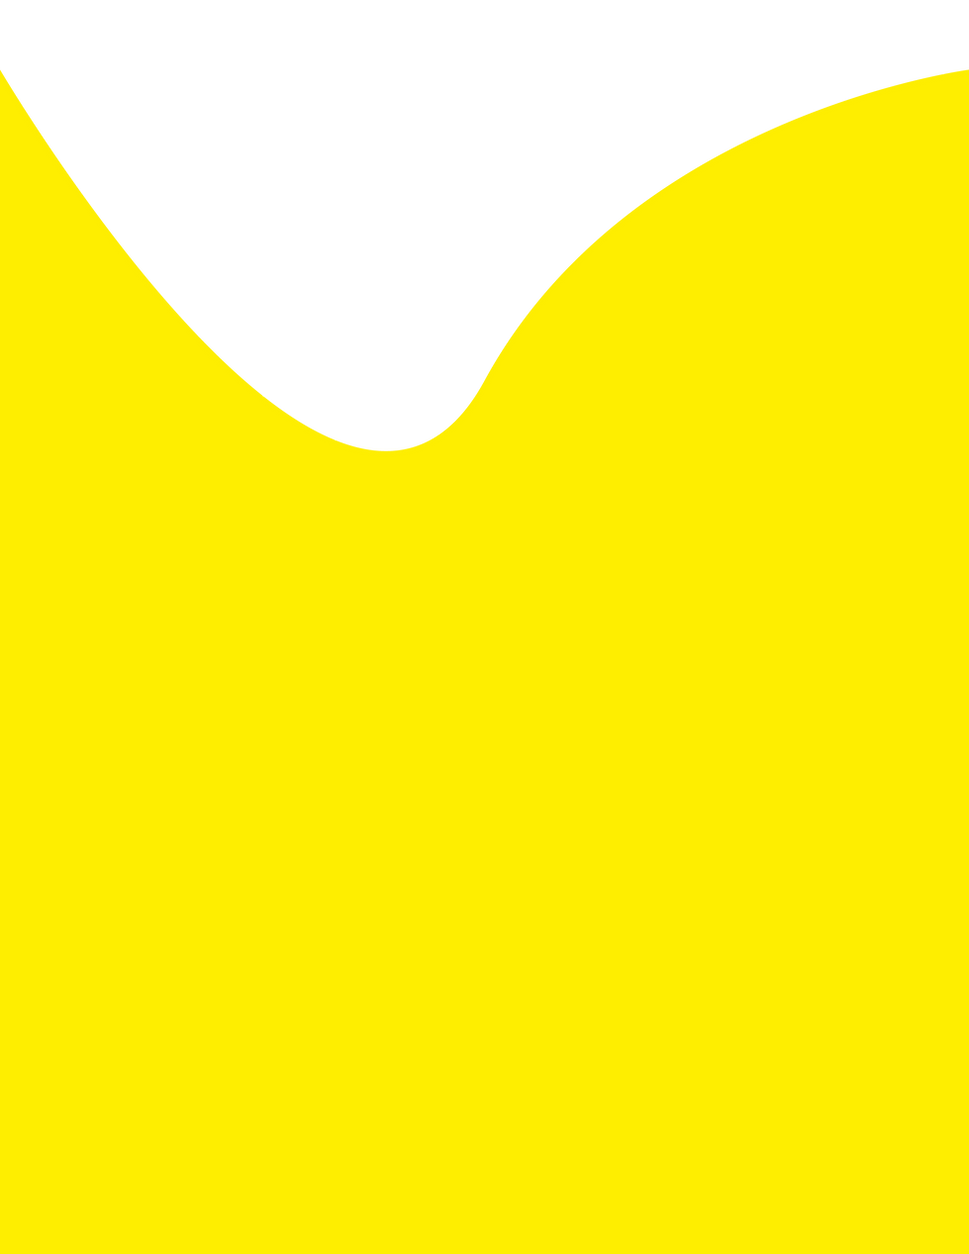 png amarillo_Mesa de trabajo 1.png